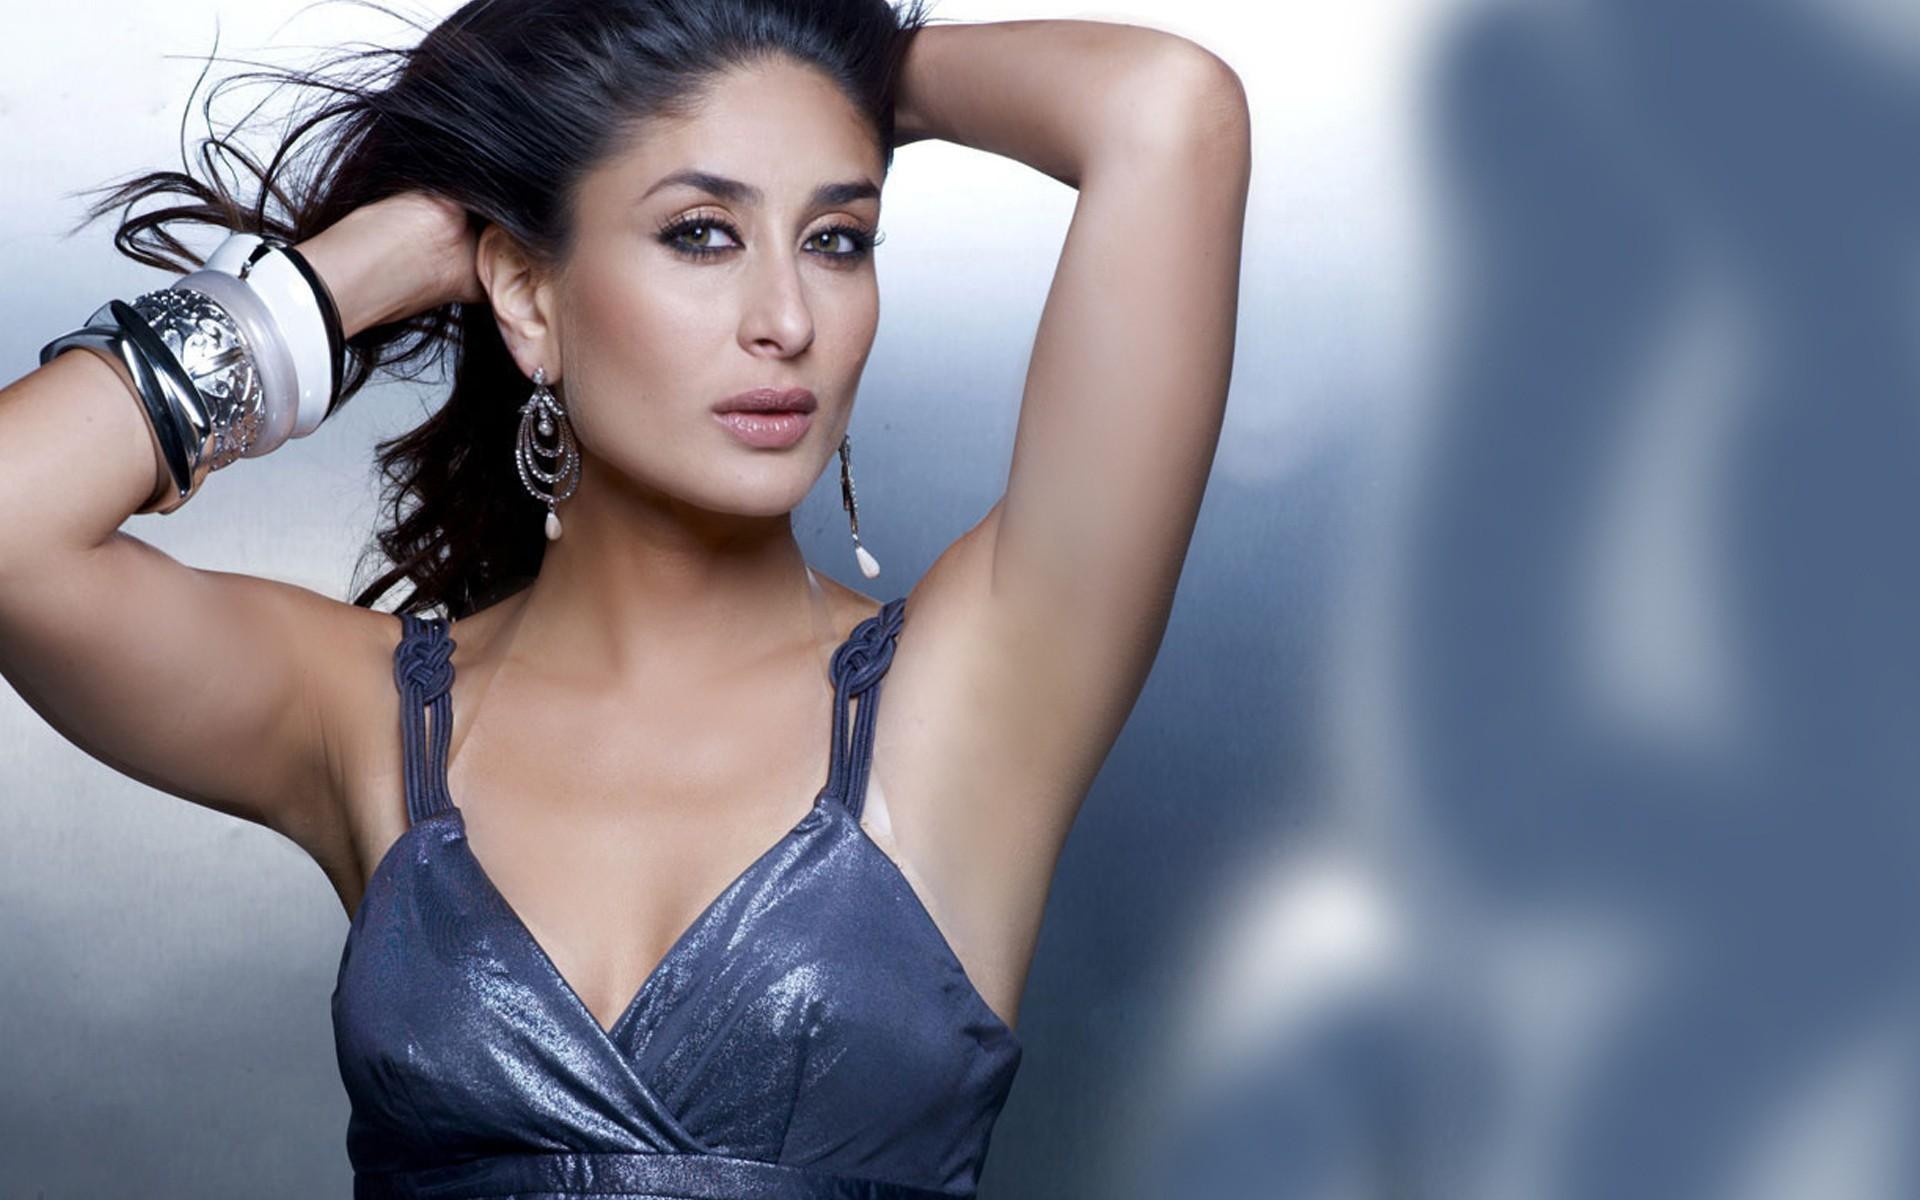 55+ kareena kapoor hot in bikini wallpapers photos & more